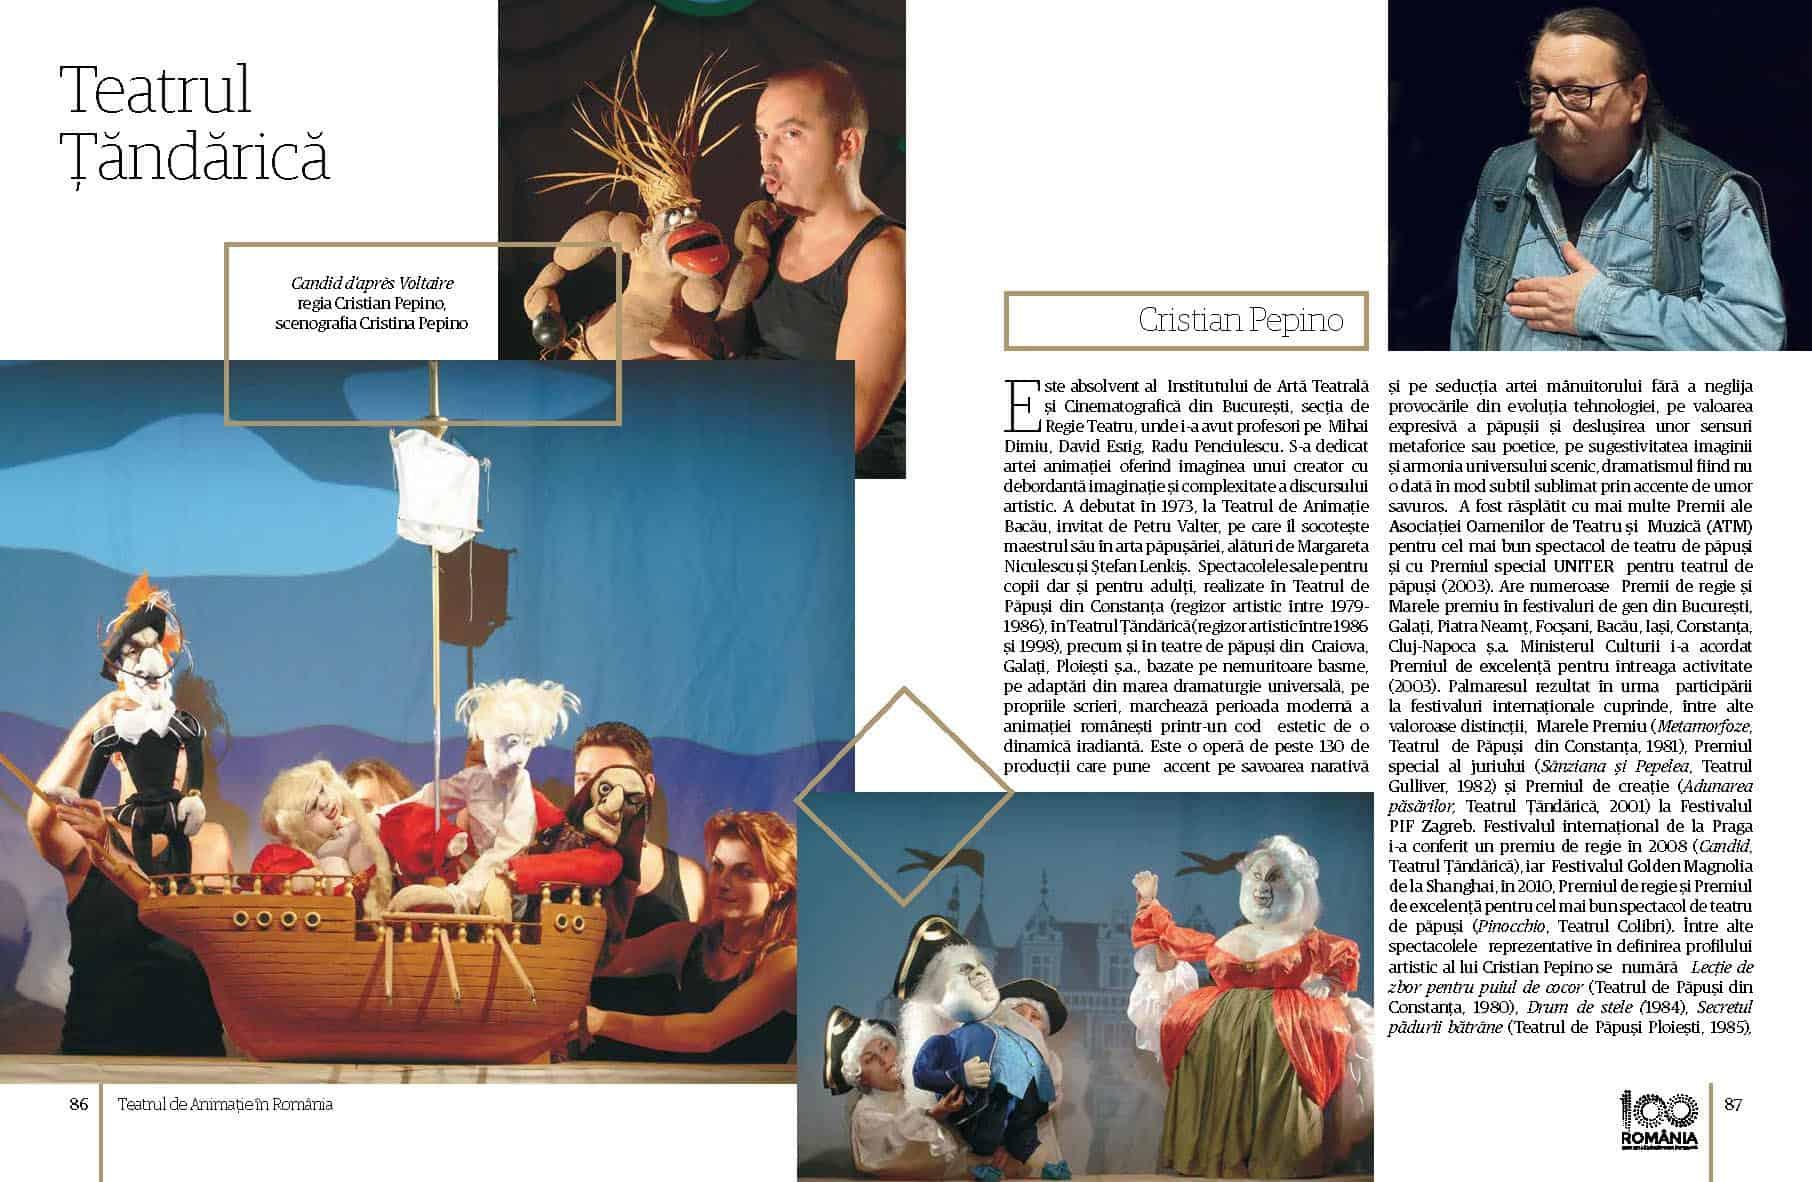 Album Teatrul de Animatie in Romania final preview fata in fata Page 44